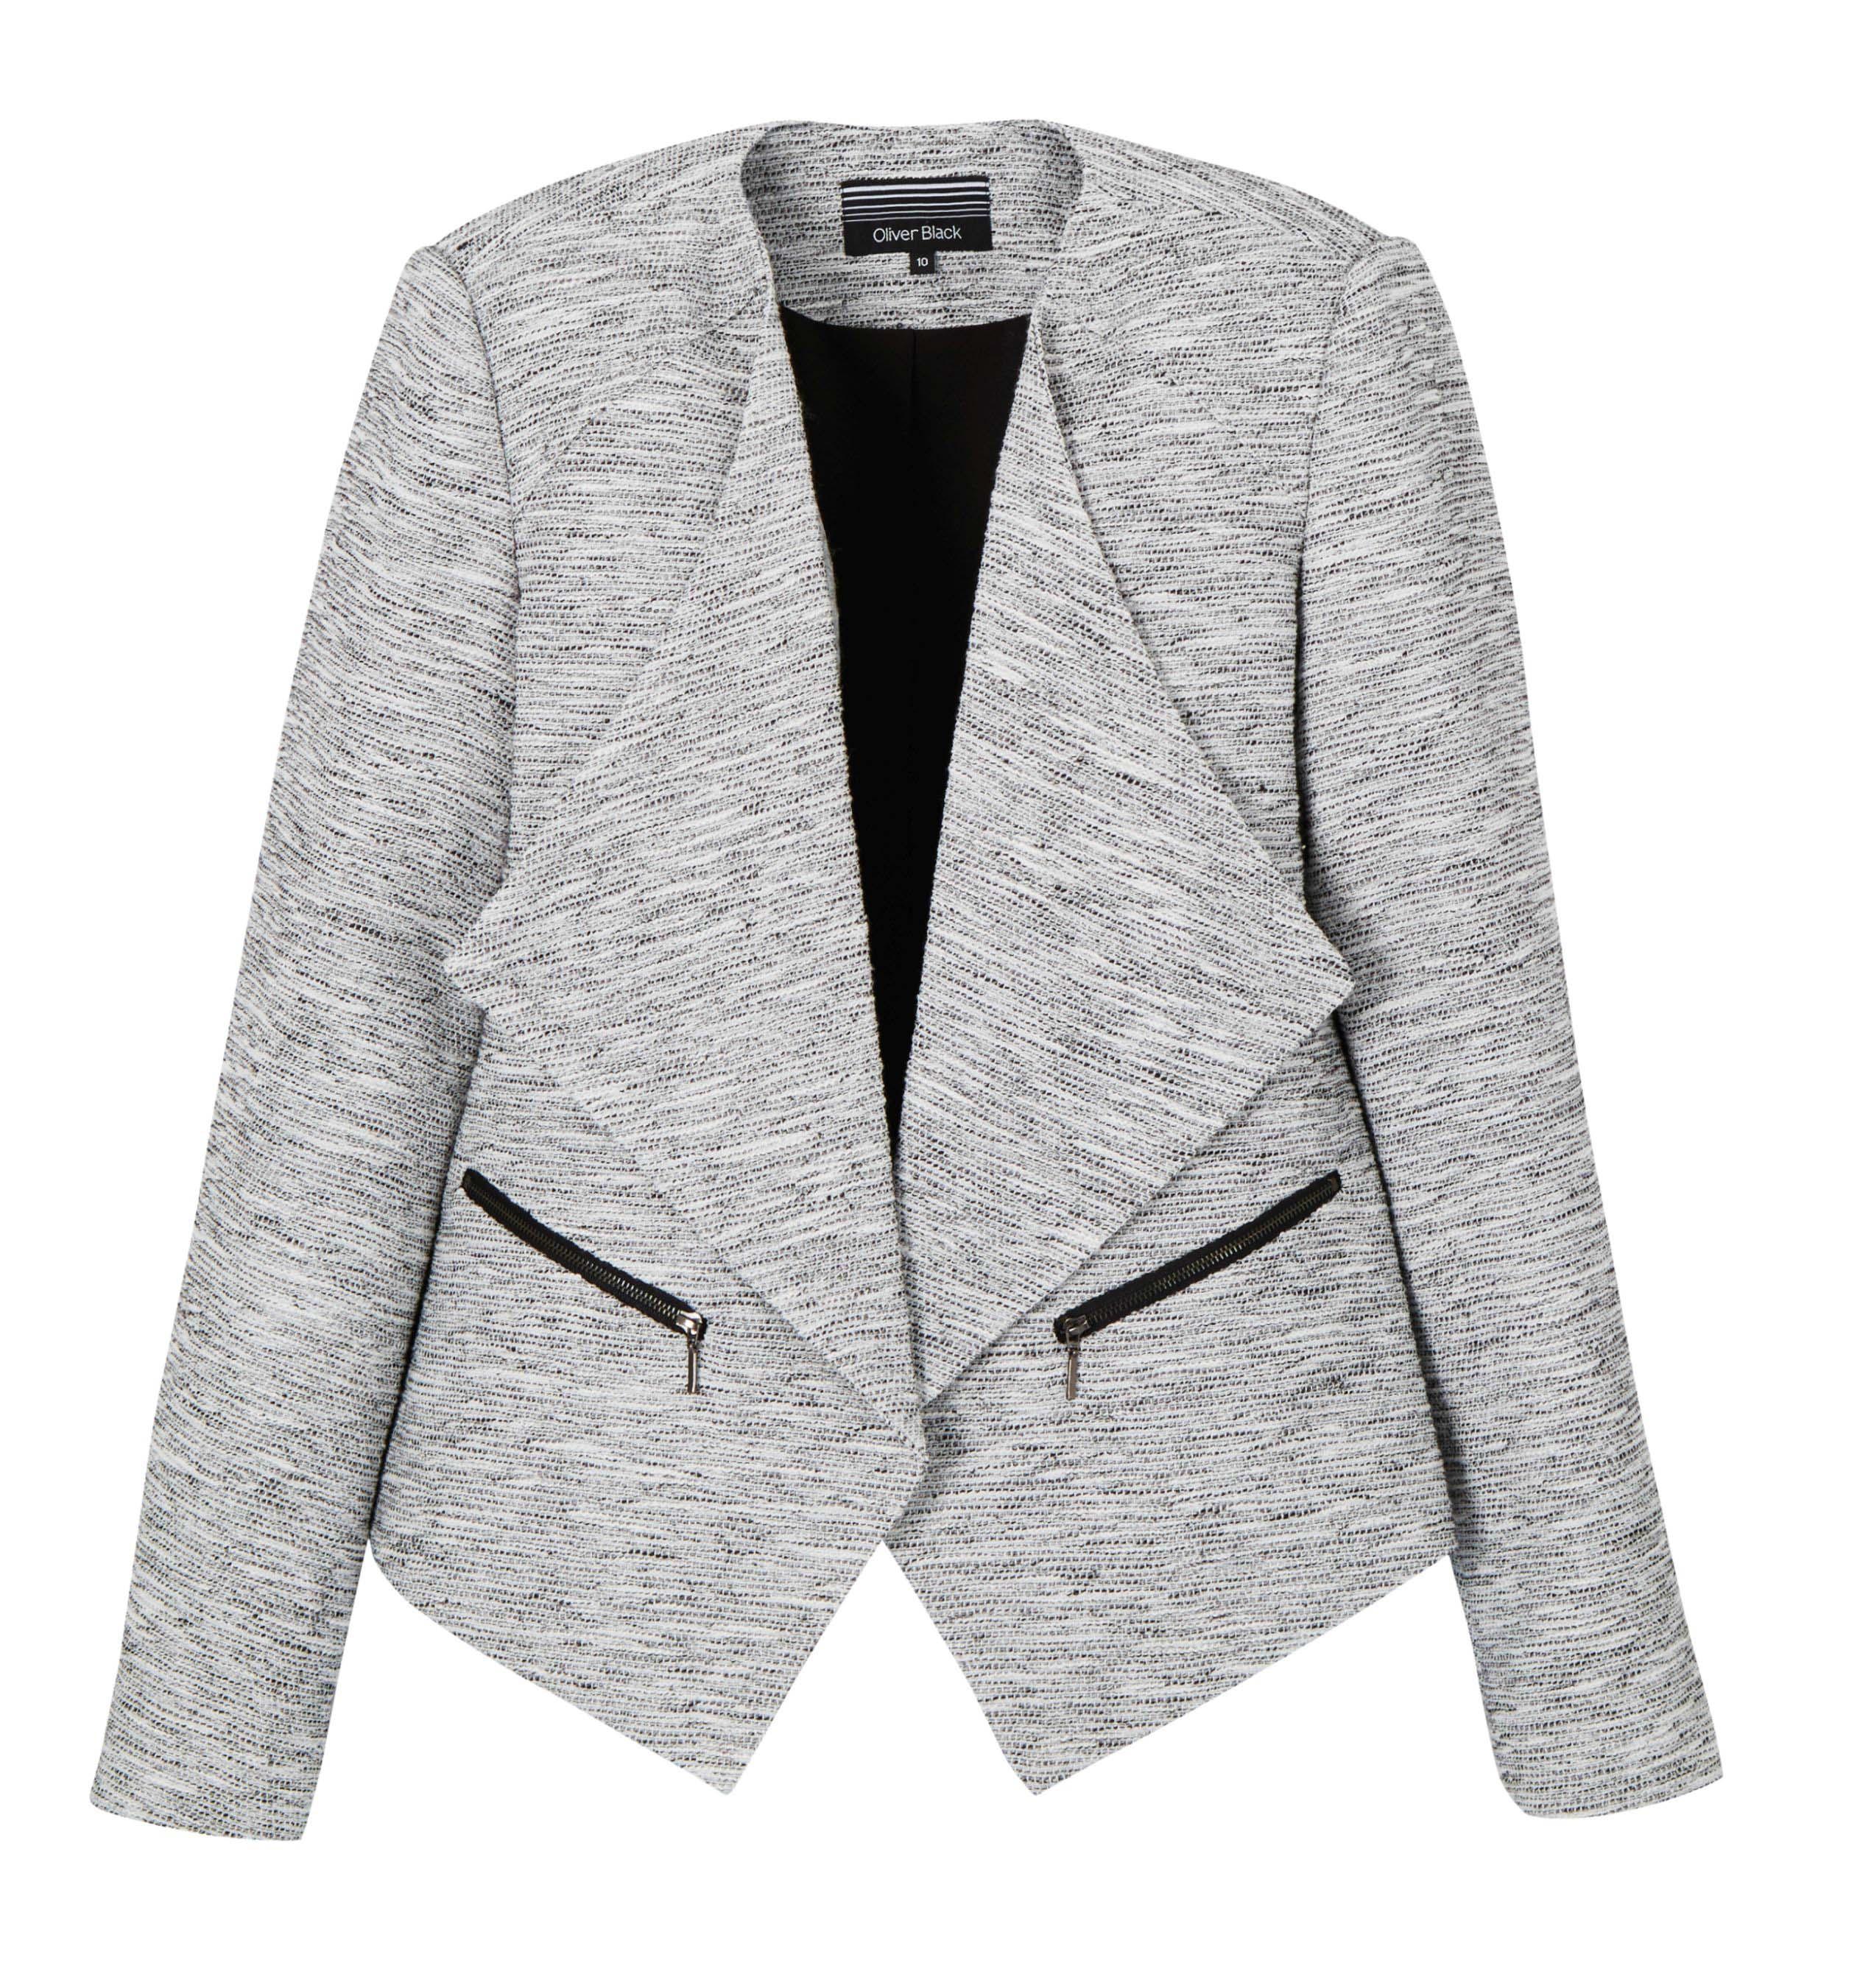 6074755 Oliver Black Jacket Drape Front $149.99 Instore Feb 01 2016